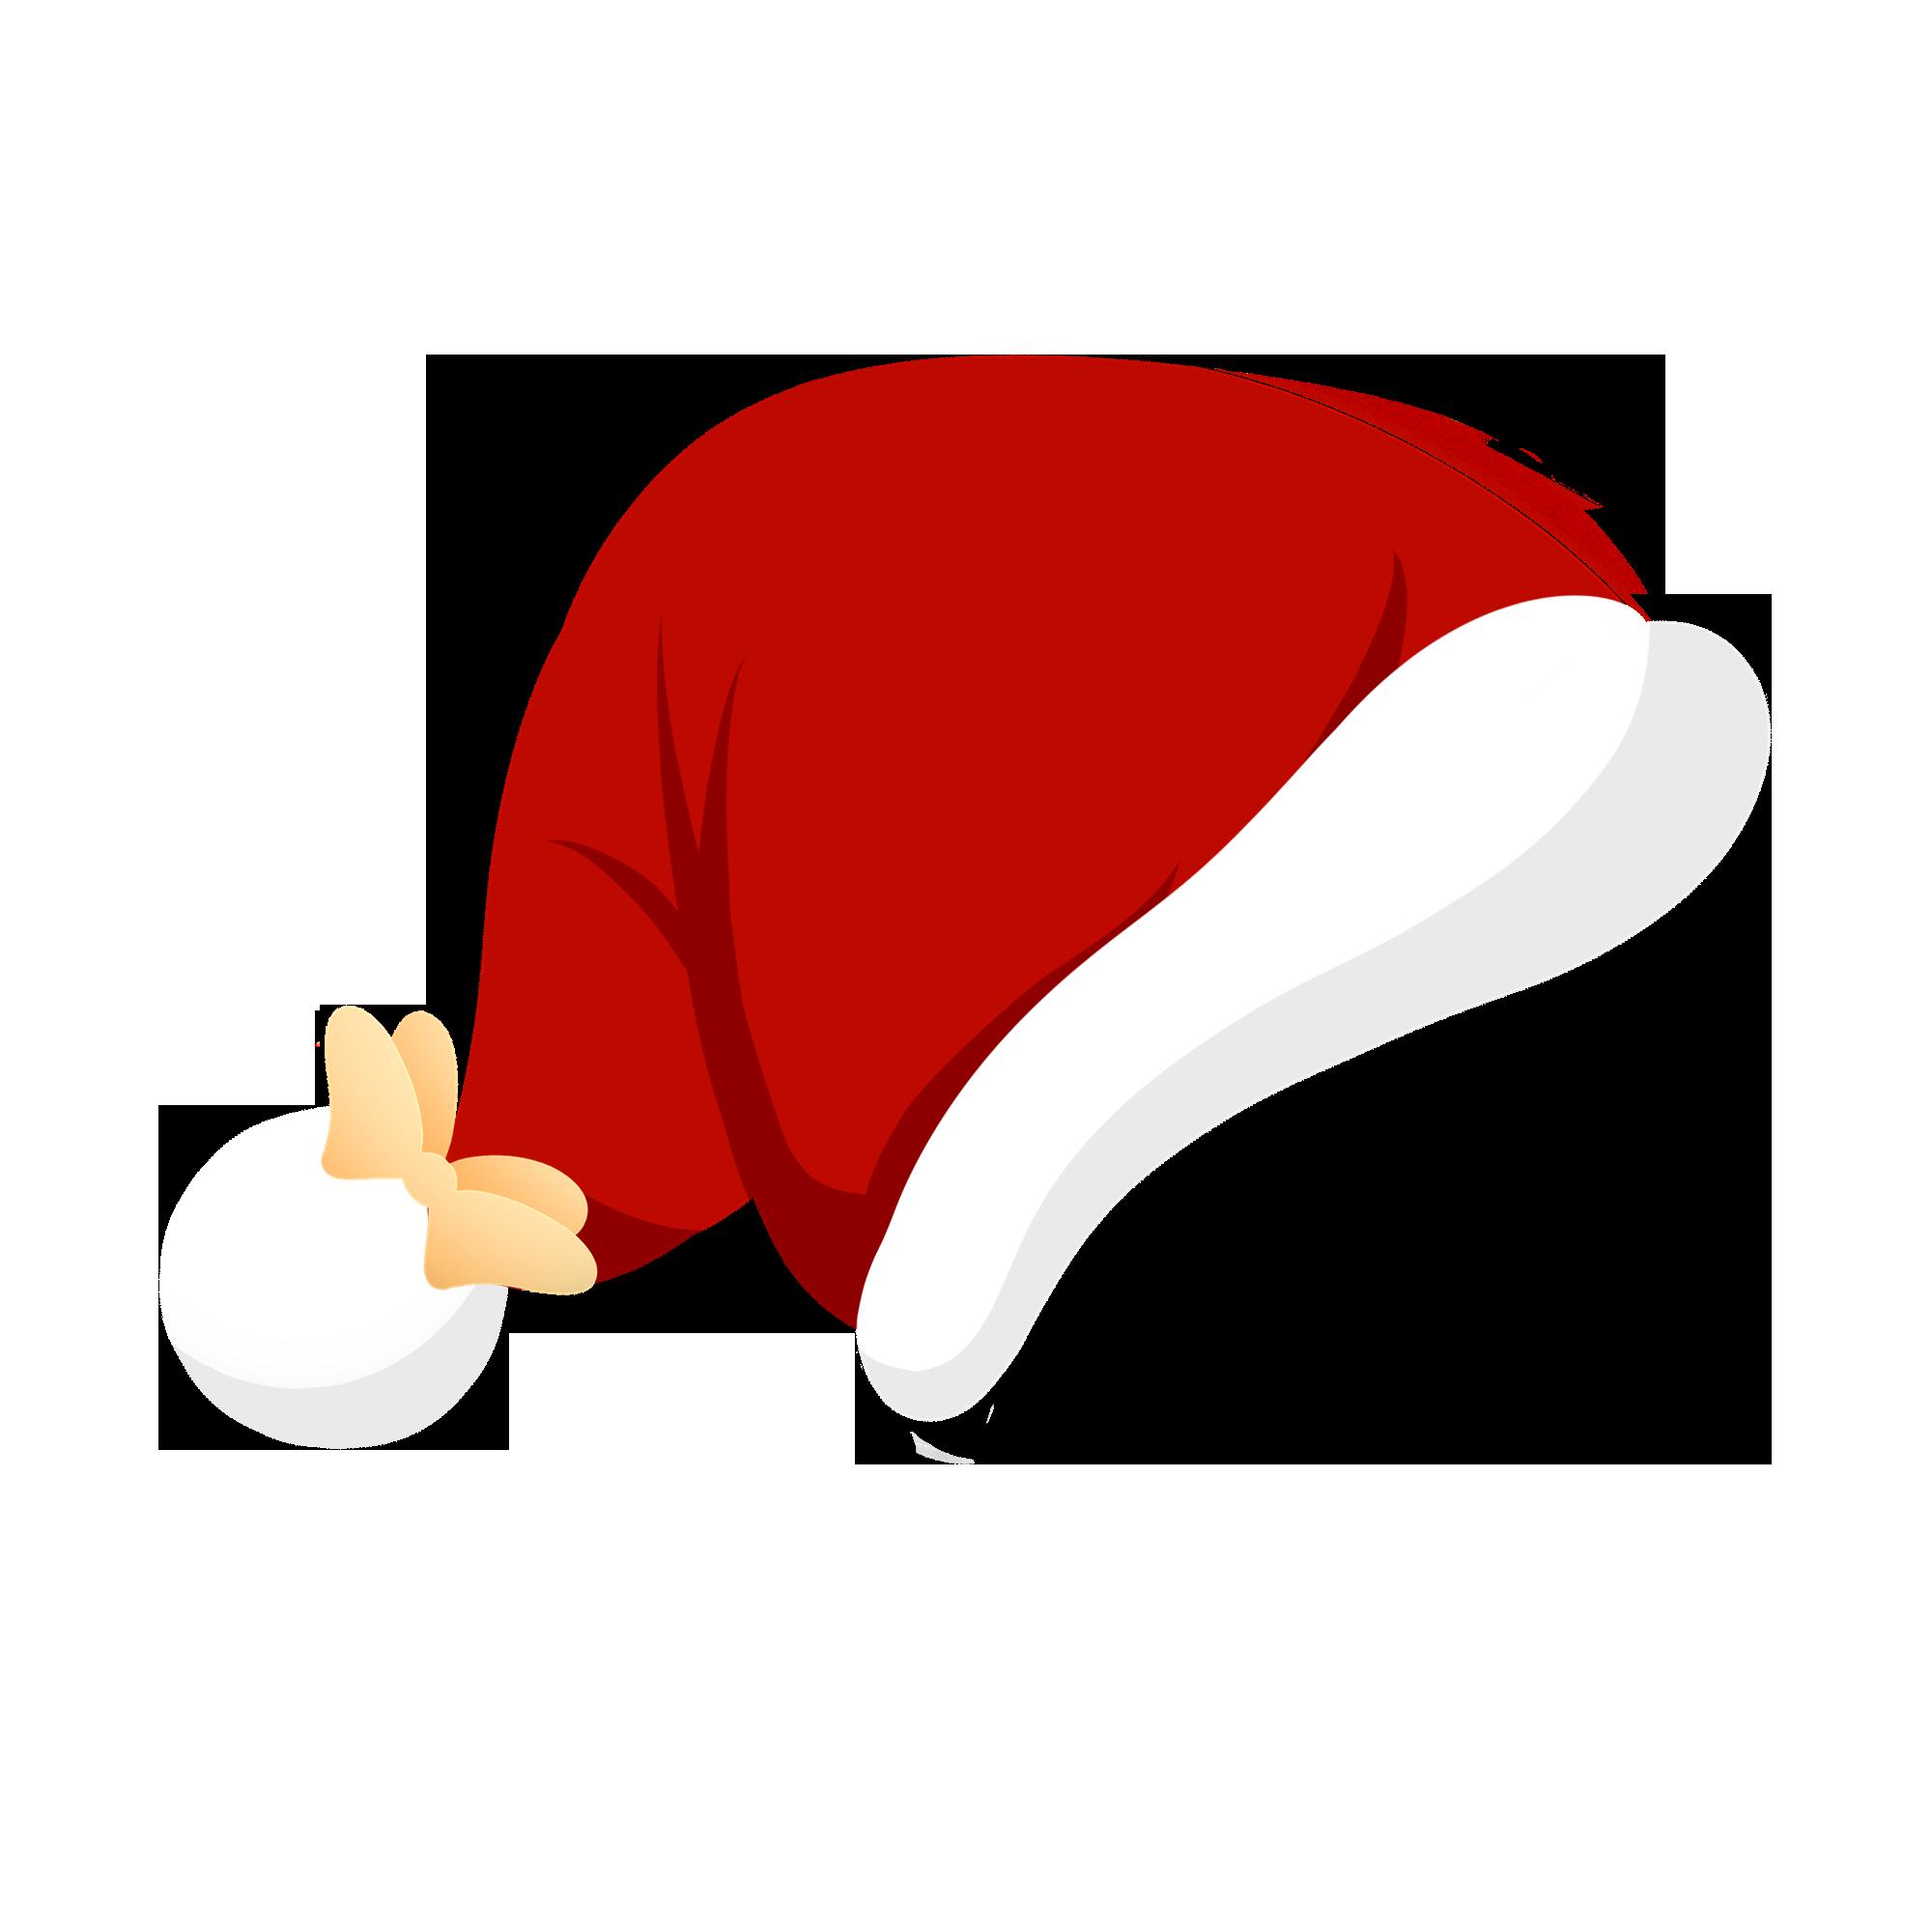 2020圣诞帽头像生成v1.0 安卓版